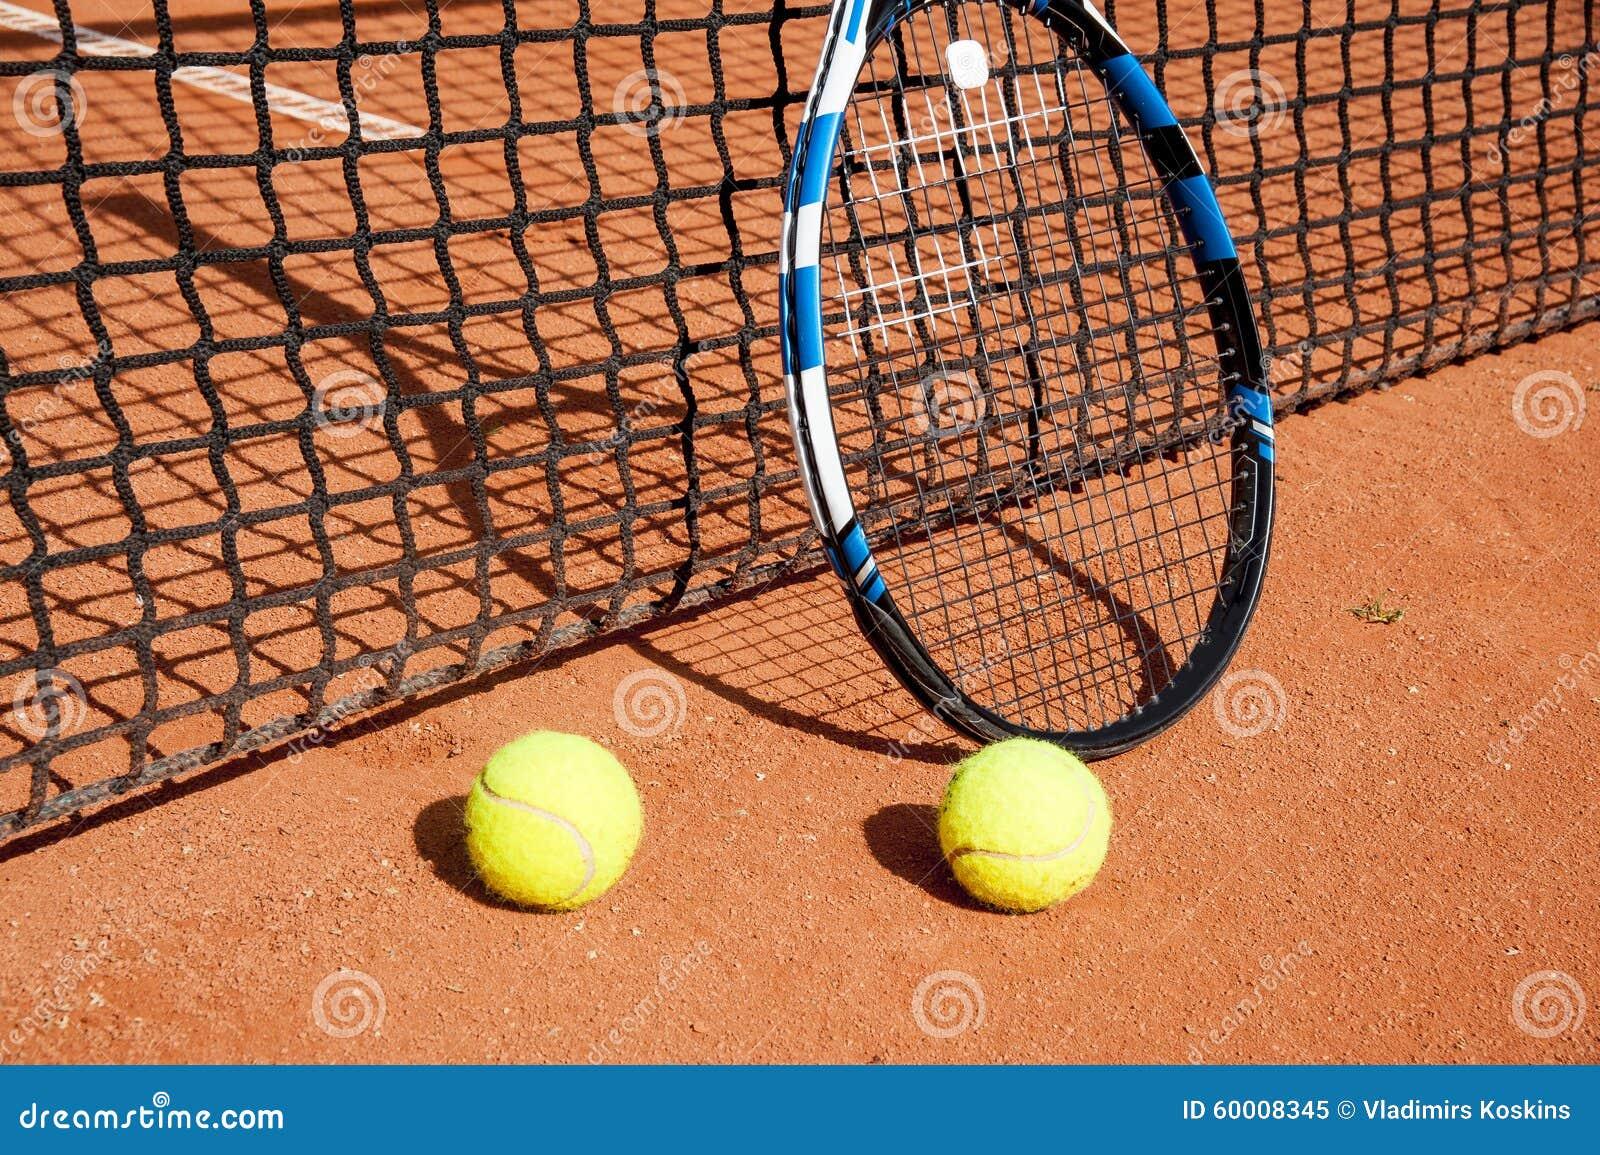 balles de tennis et raquette au filet image stock image. Black Bedroom Furniture Sets. Home Design Ideas